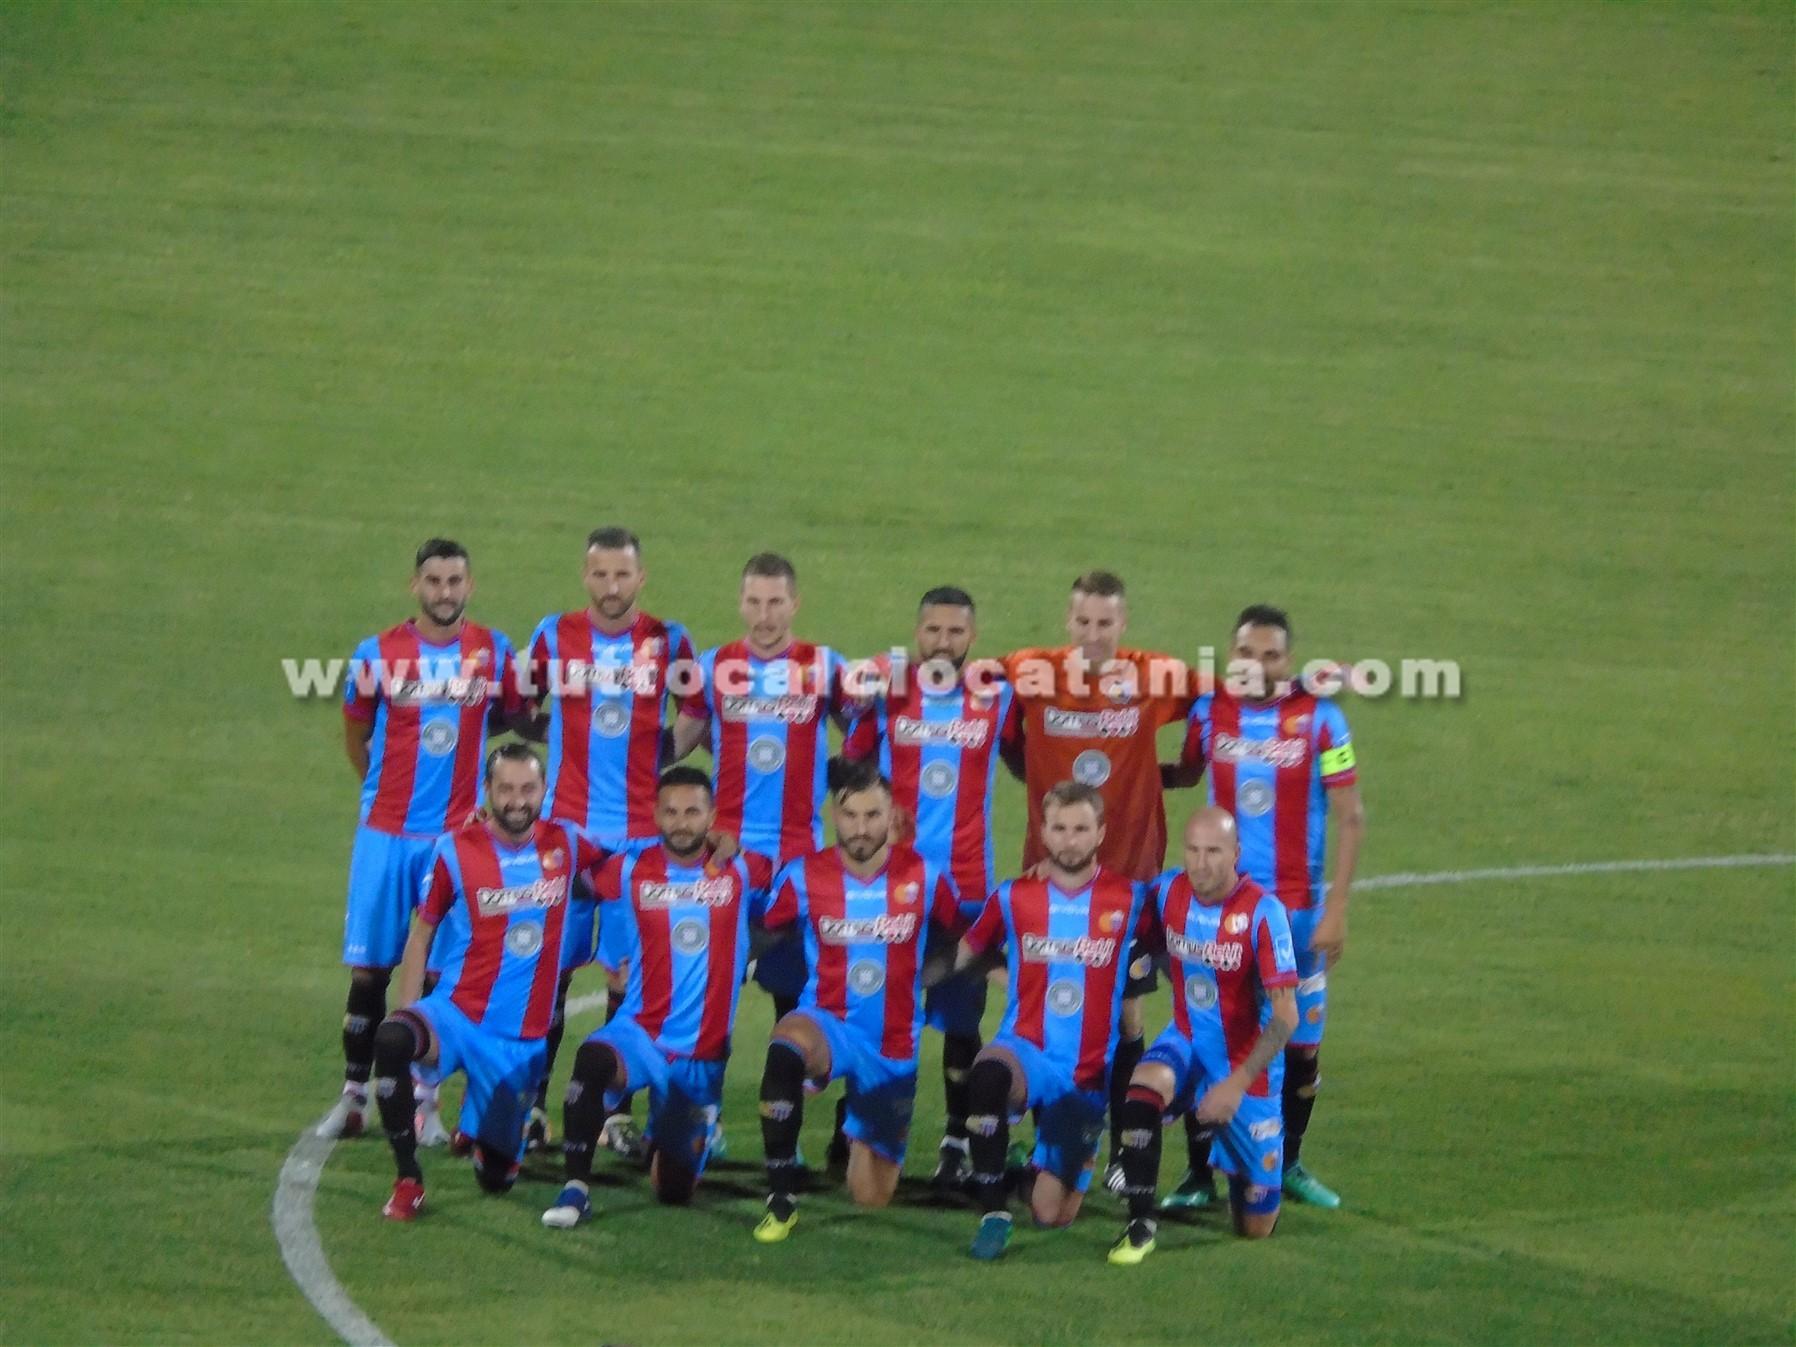 Calendario Serie C Catania.Catania Calendario Integrale Serie C Siracusa Alla 2 A